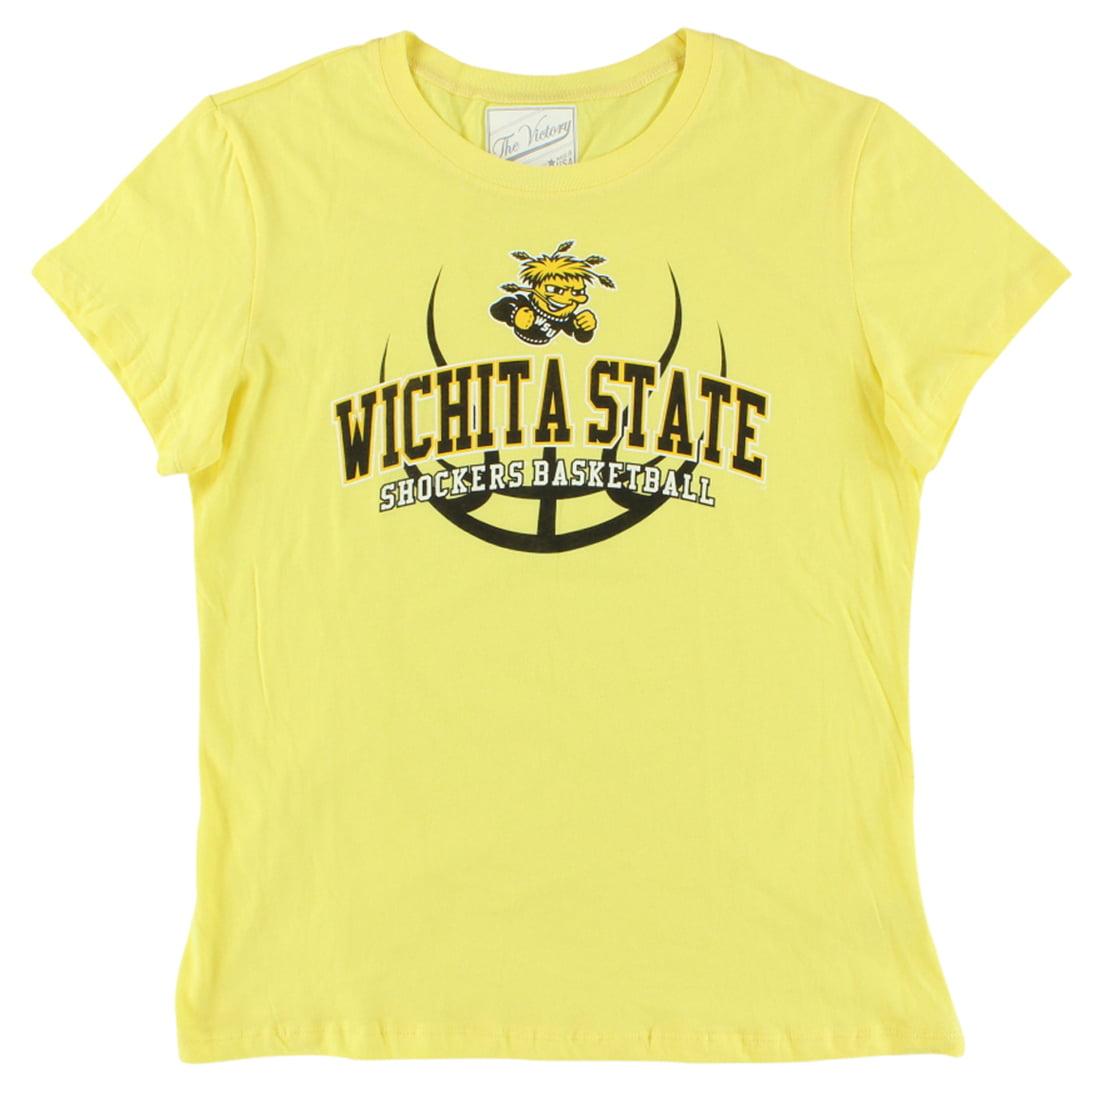 The Victory Womens Wichita State Shockers College Basic Crew T Shirt Yellow